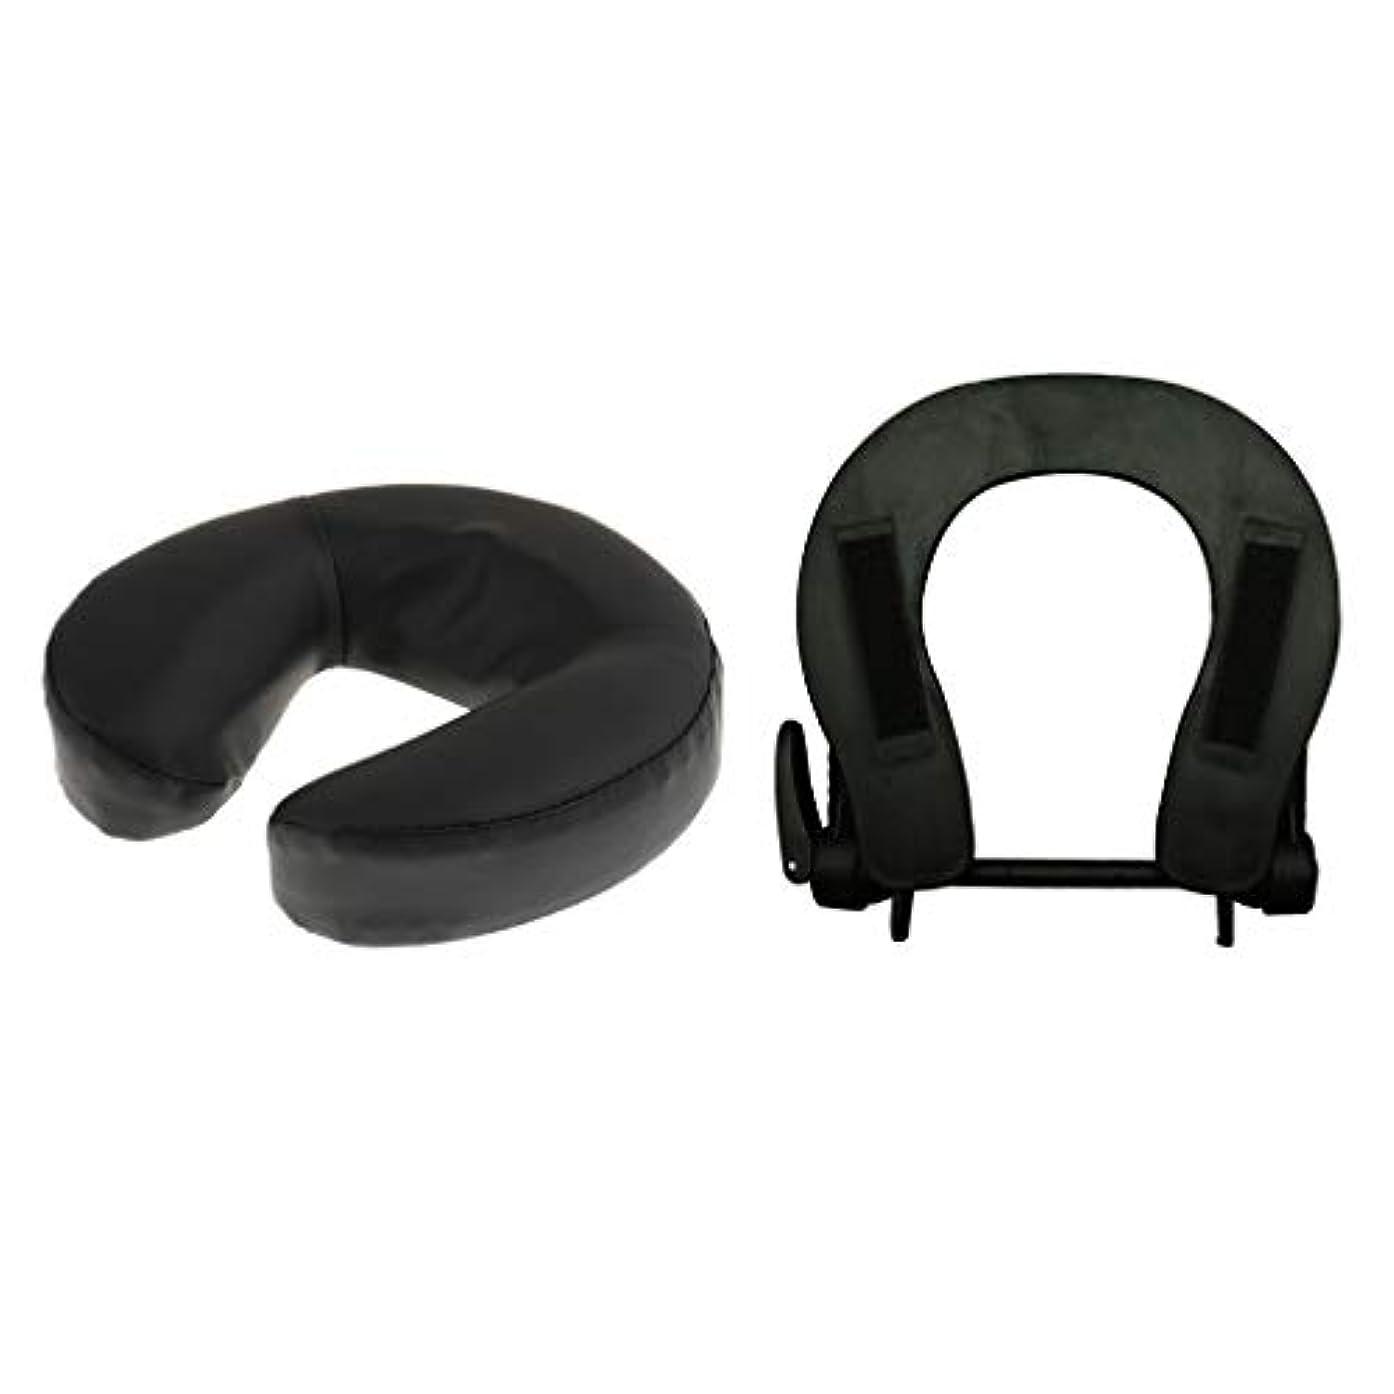 ジョージバーナード大きい擁するフェイスマット 顔マクラ マッサージ枕 顔枕 フェイスクレードル 調節可能 マッサージテーブル 汎用